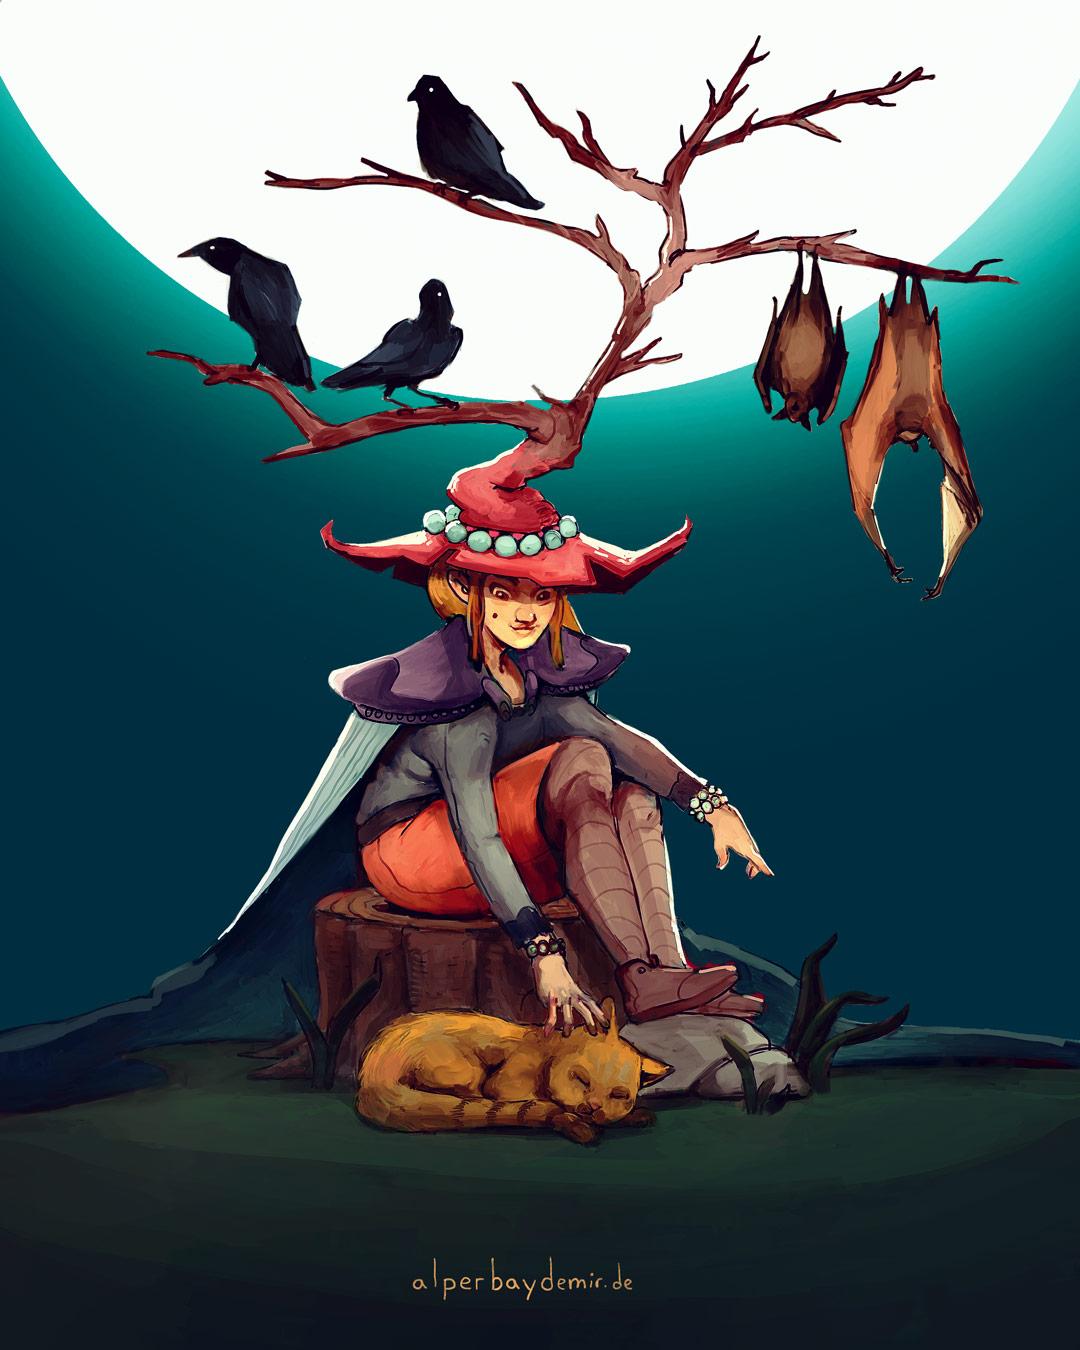 illustration-Eine-Hexe-streichelt-ihre-Katze